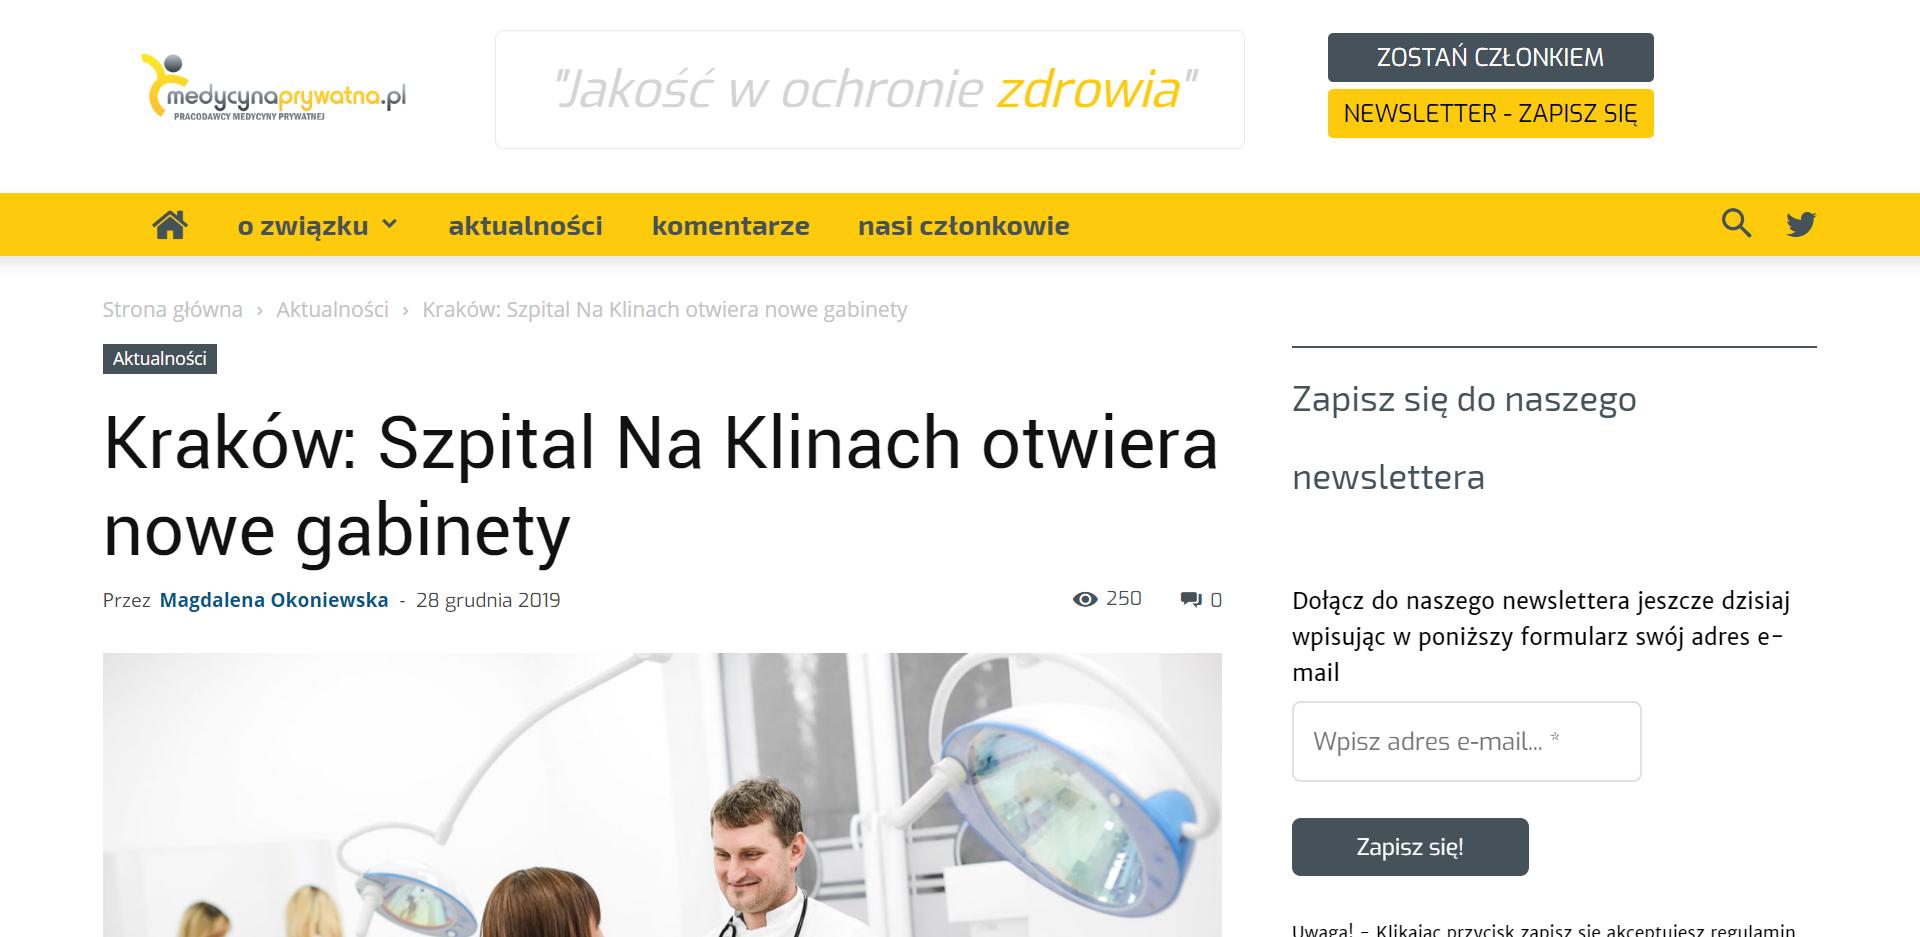 Kraków Szpital Na Klinach otwiera nowe gabinety